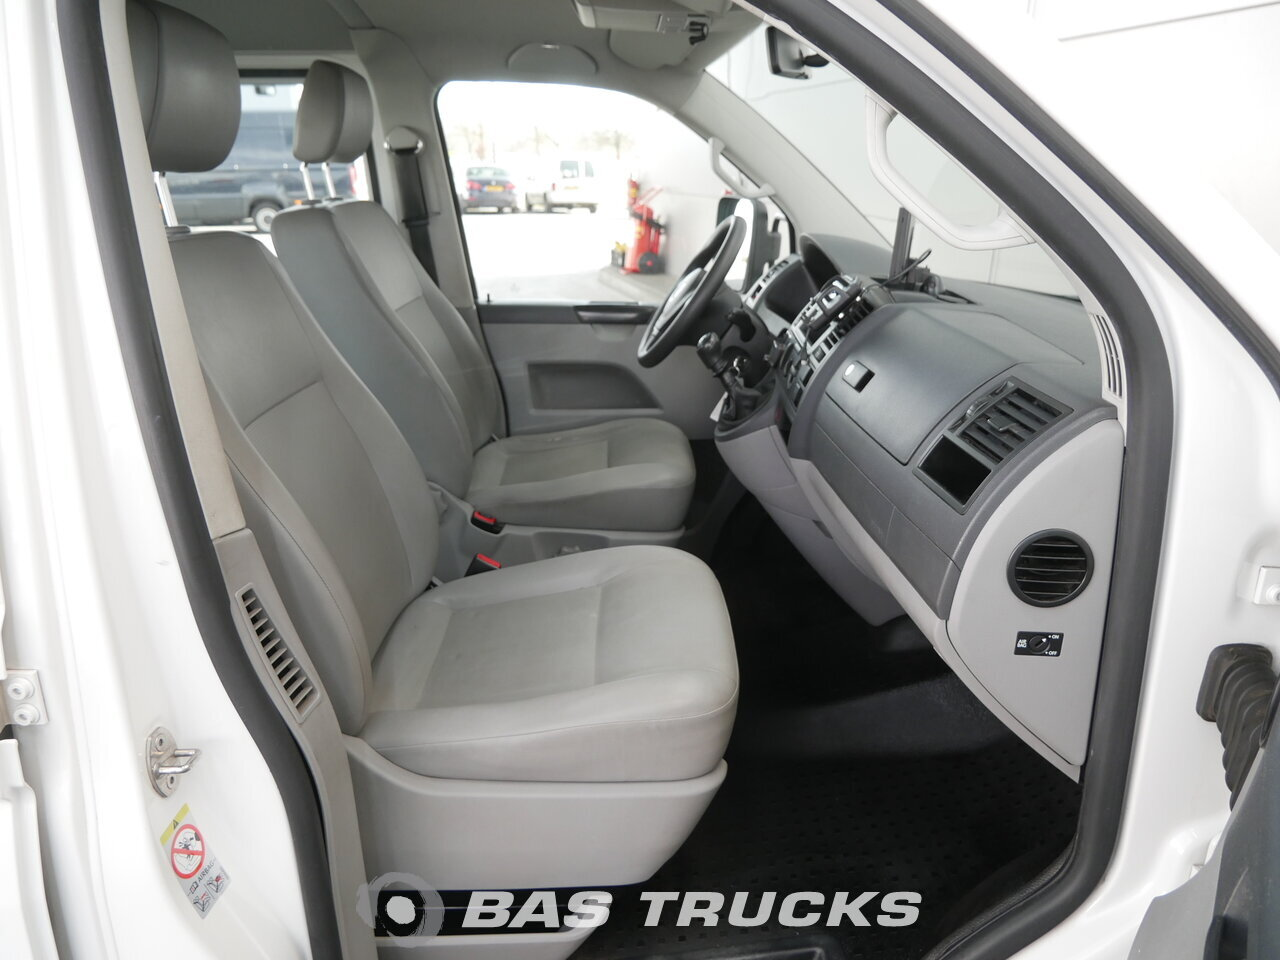 foto di Usato Veicolo commerciale leggero Volkswagen Transporter 2010